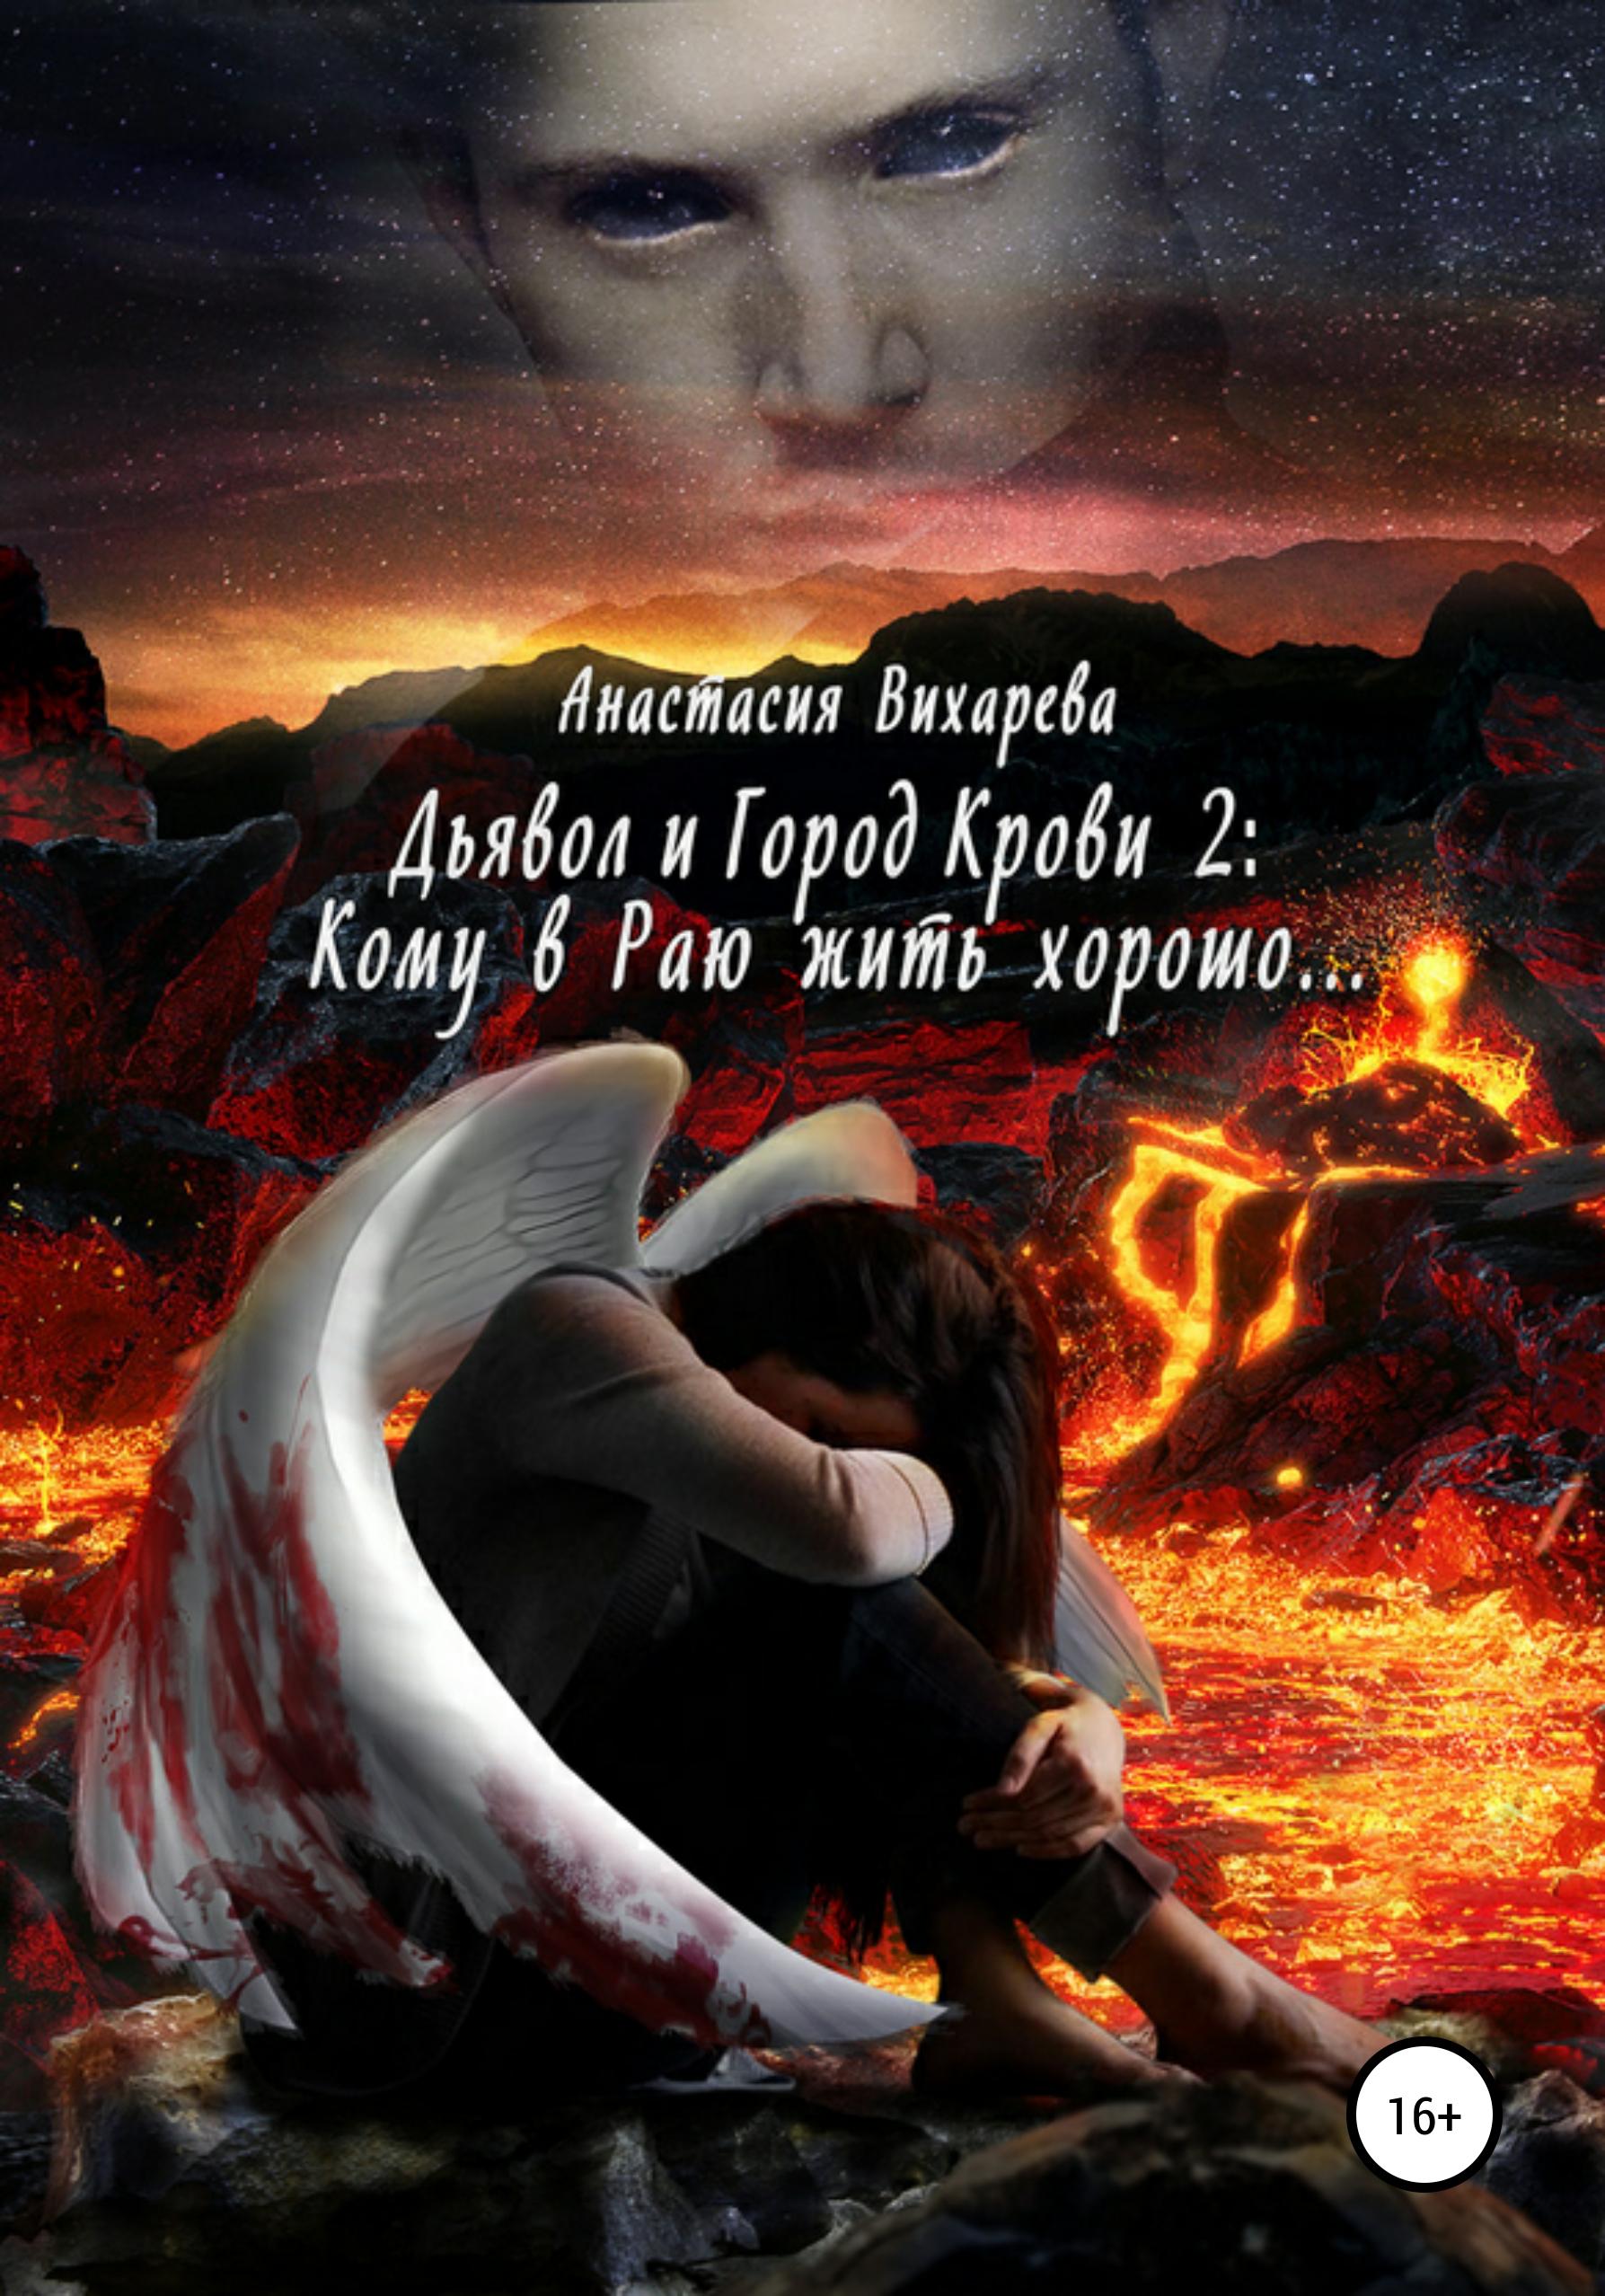 Дьявол и Город Крови 2: кому в Раю жить хорошо…